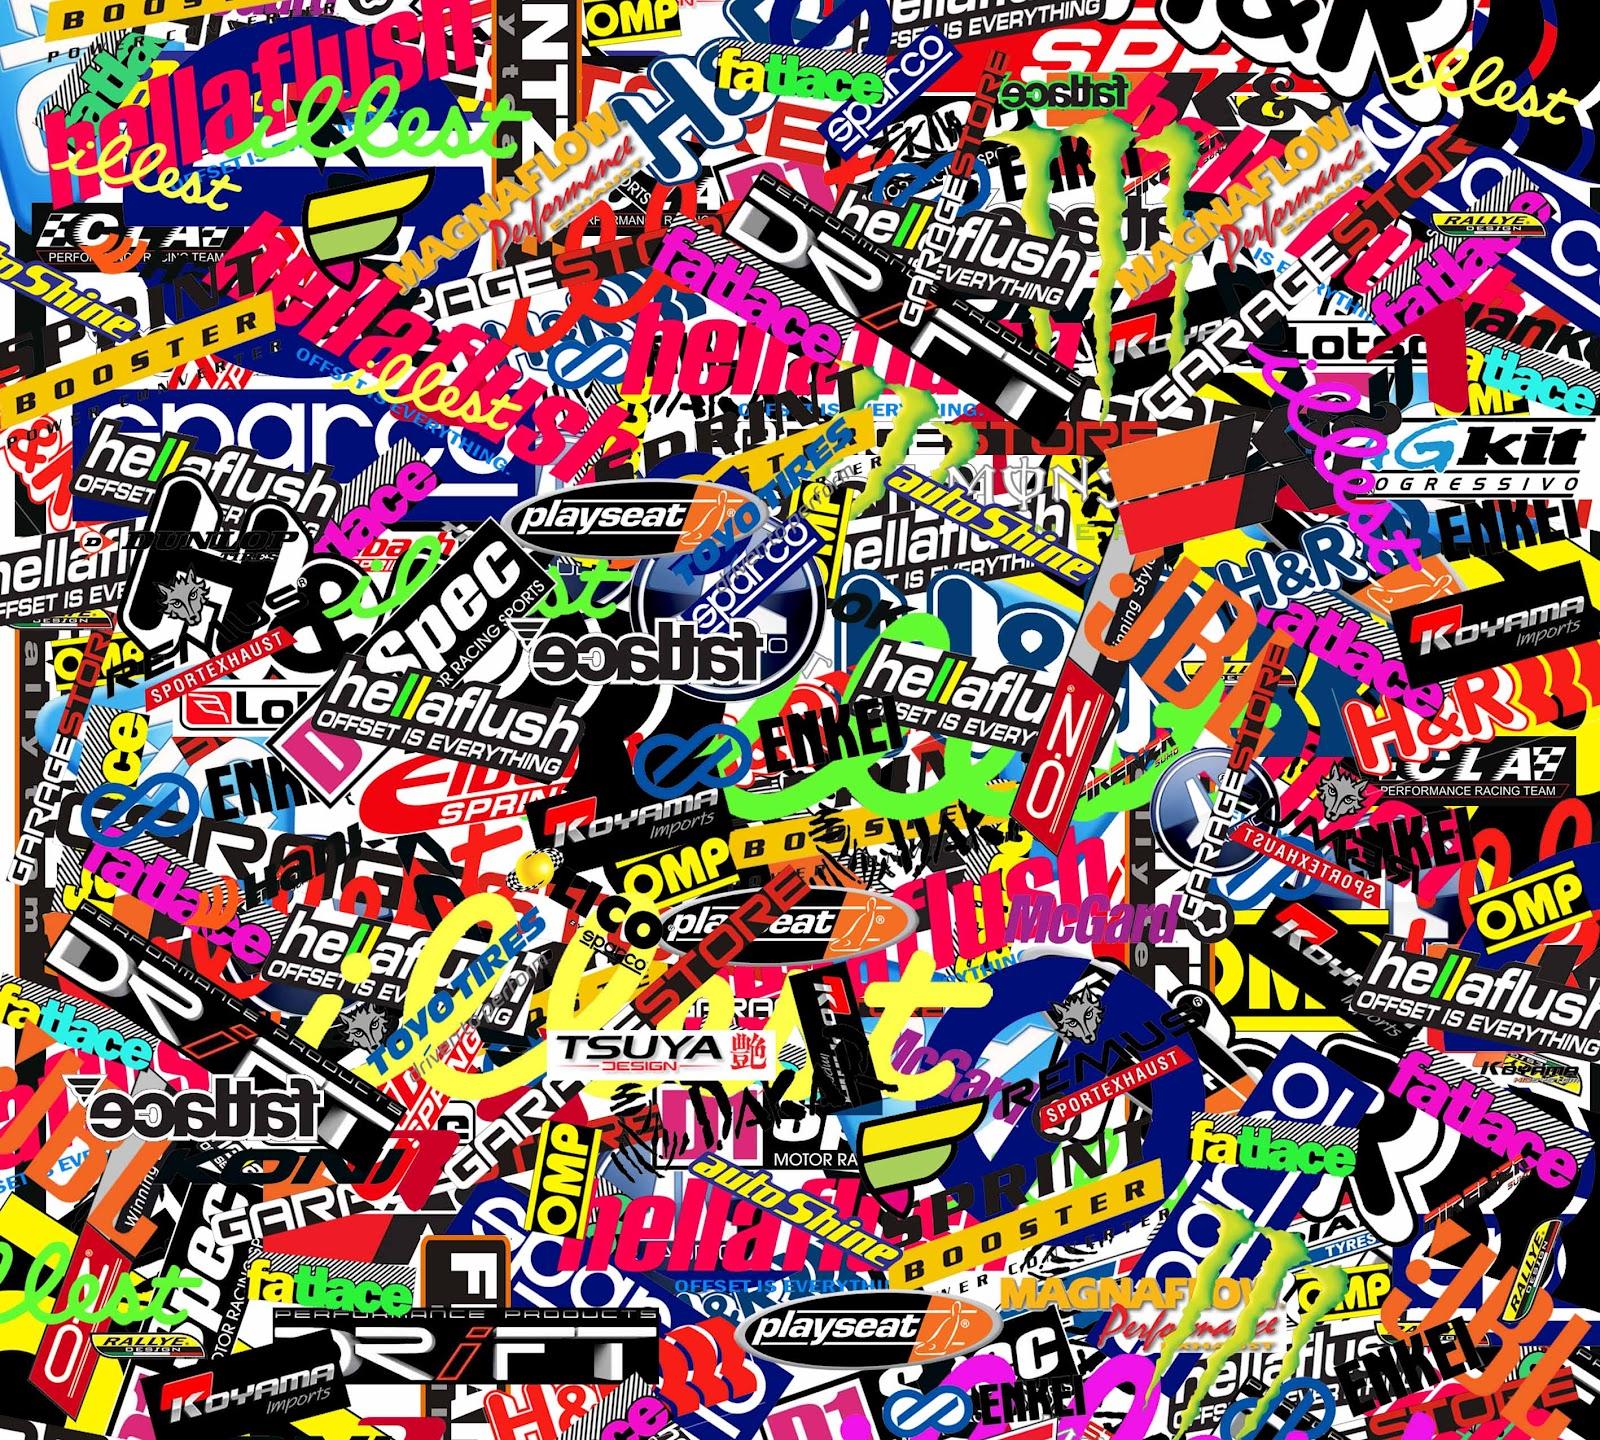 Sticker Bomb Wallpaper HD 1600x1440